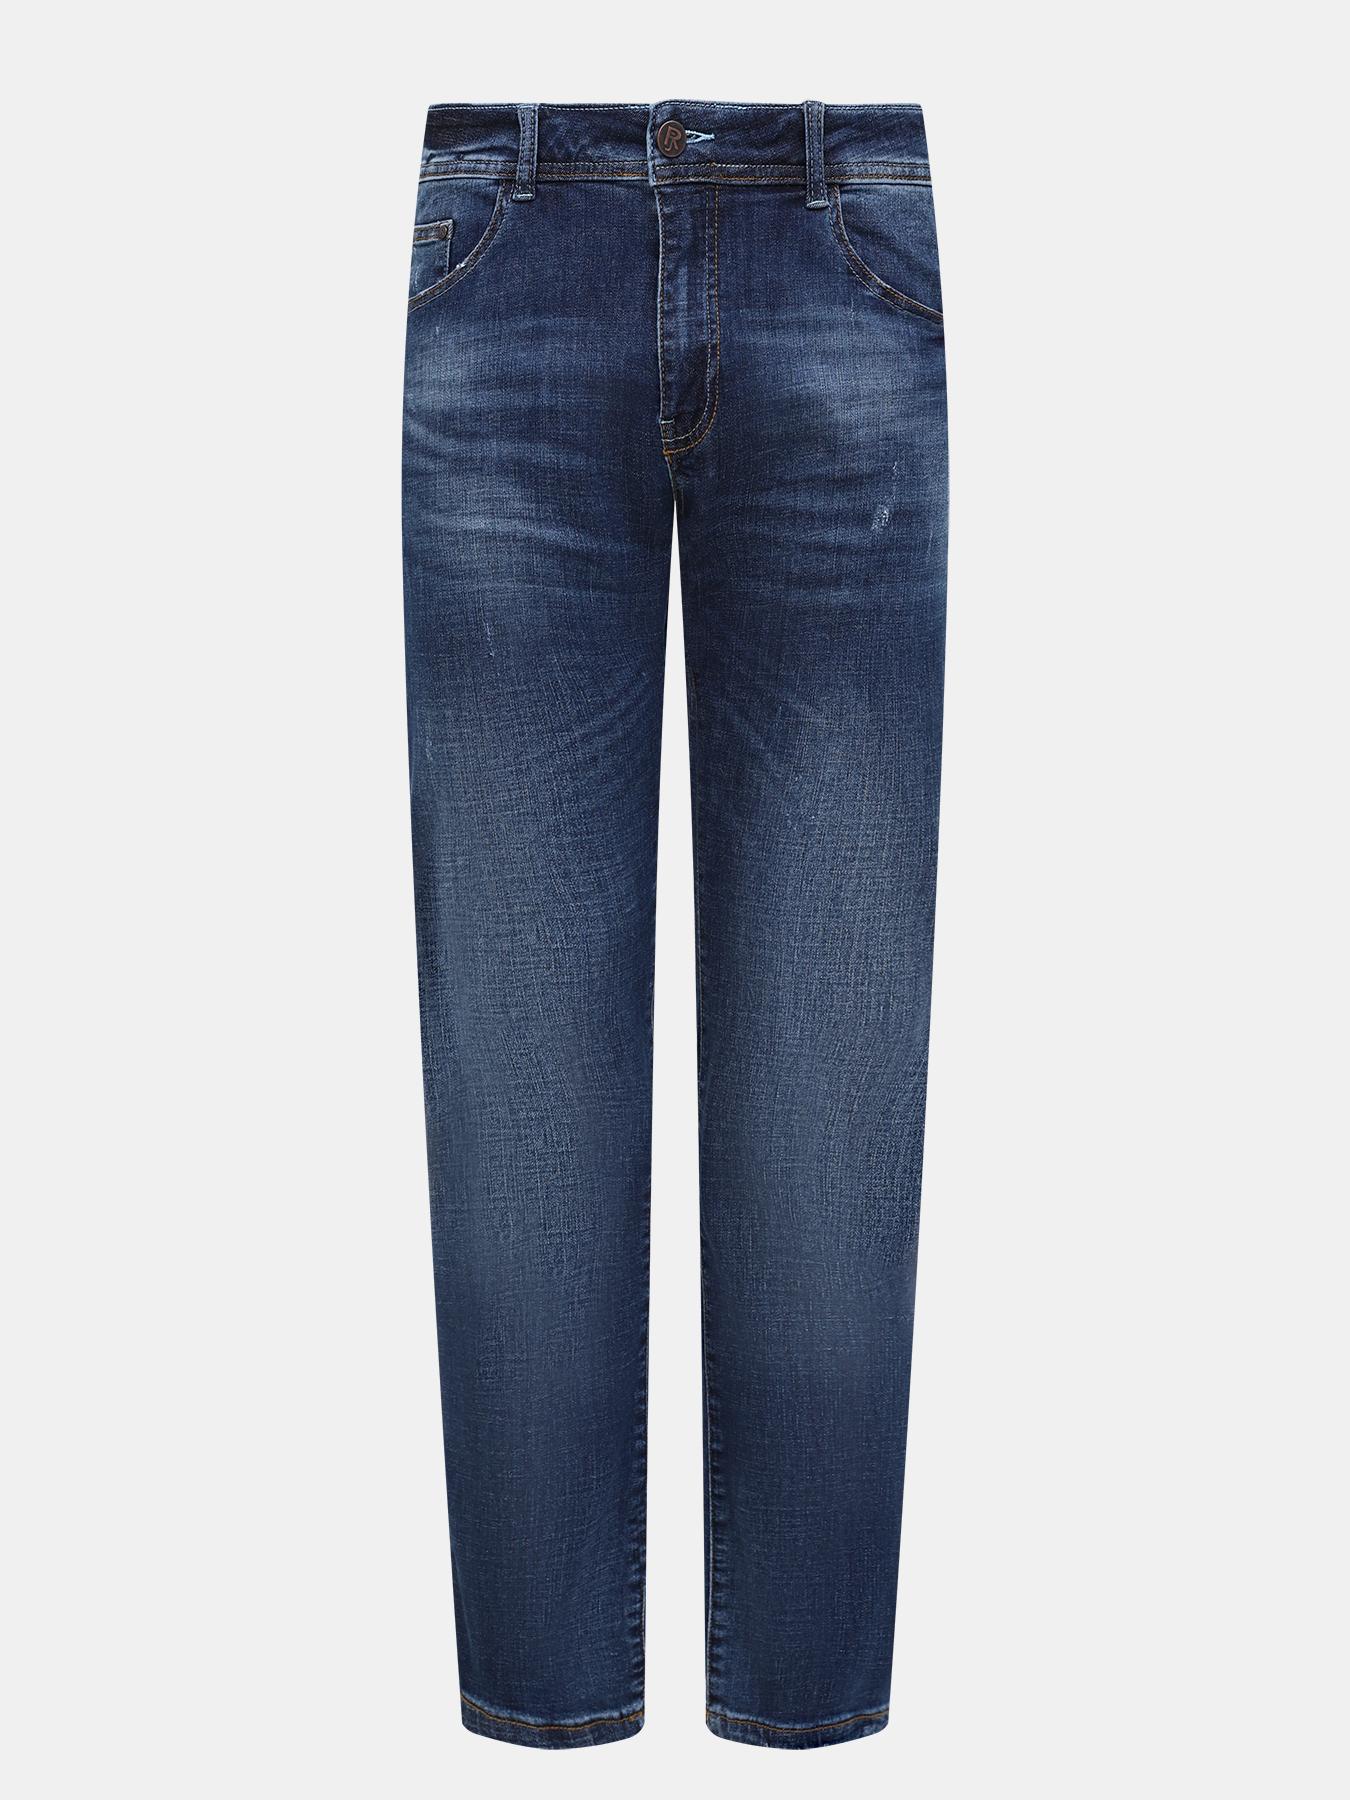 Джинсы Ritter Jeans Джинсы джинсы calvin klein jeans джинсы